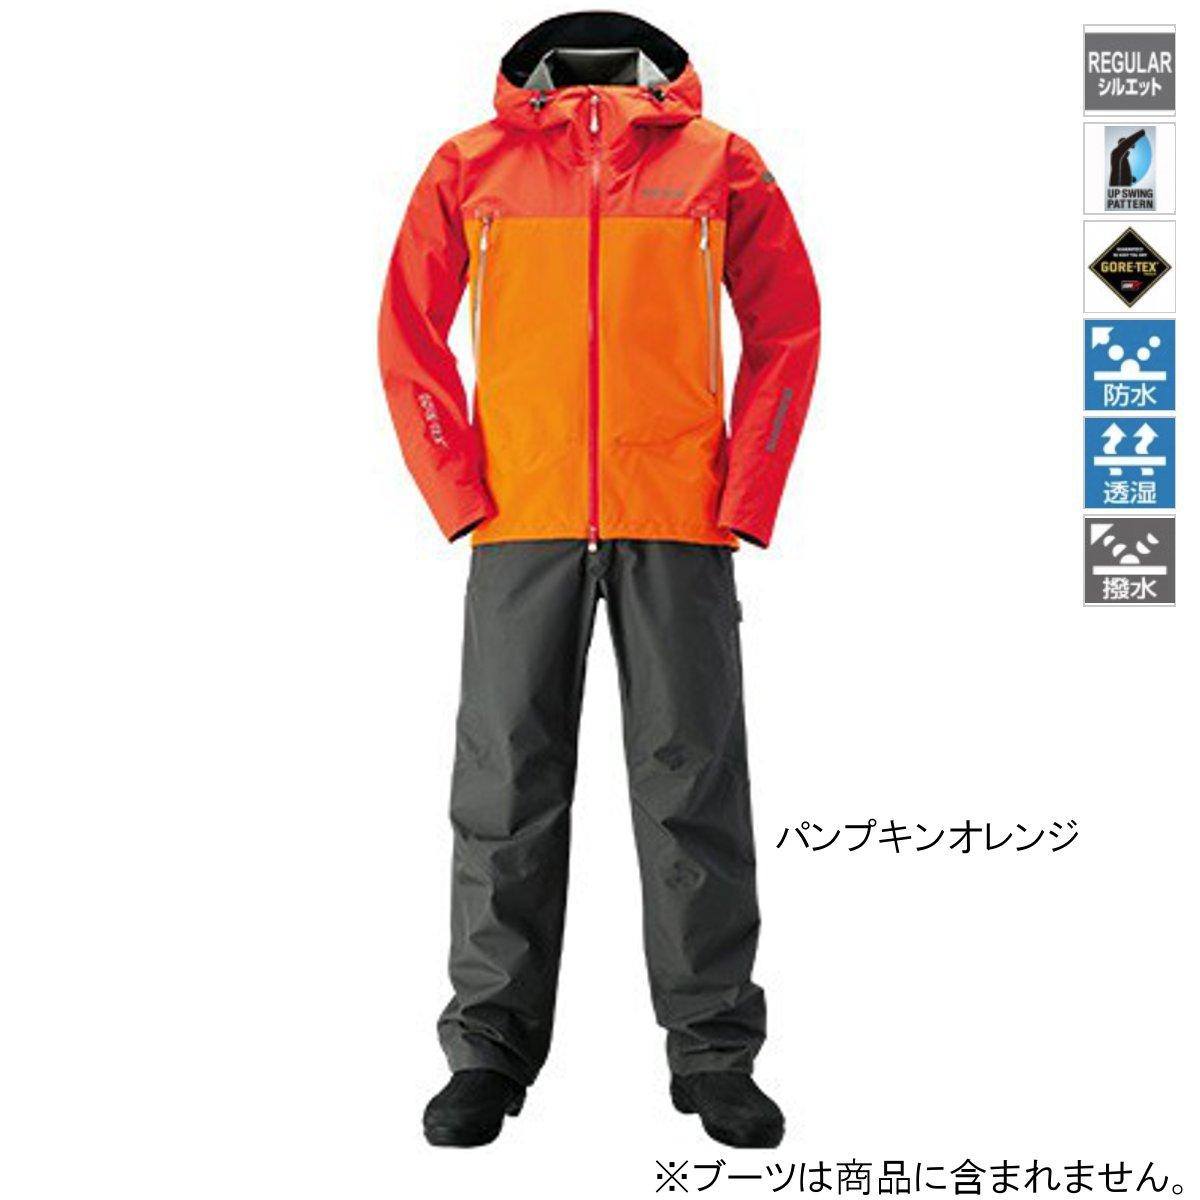 シマノ GORE-TEX ベーシックスーツ RA-017R 2XL パンプキンオレンジ【送料無料】